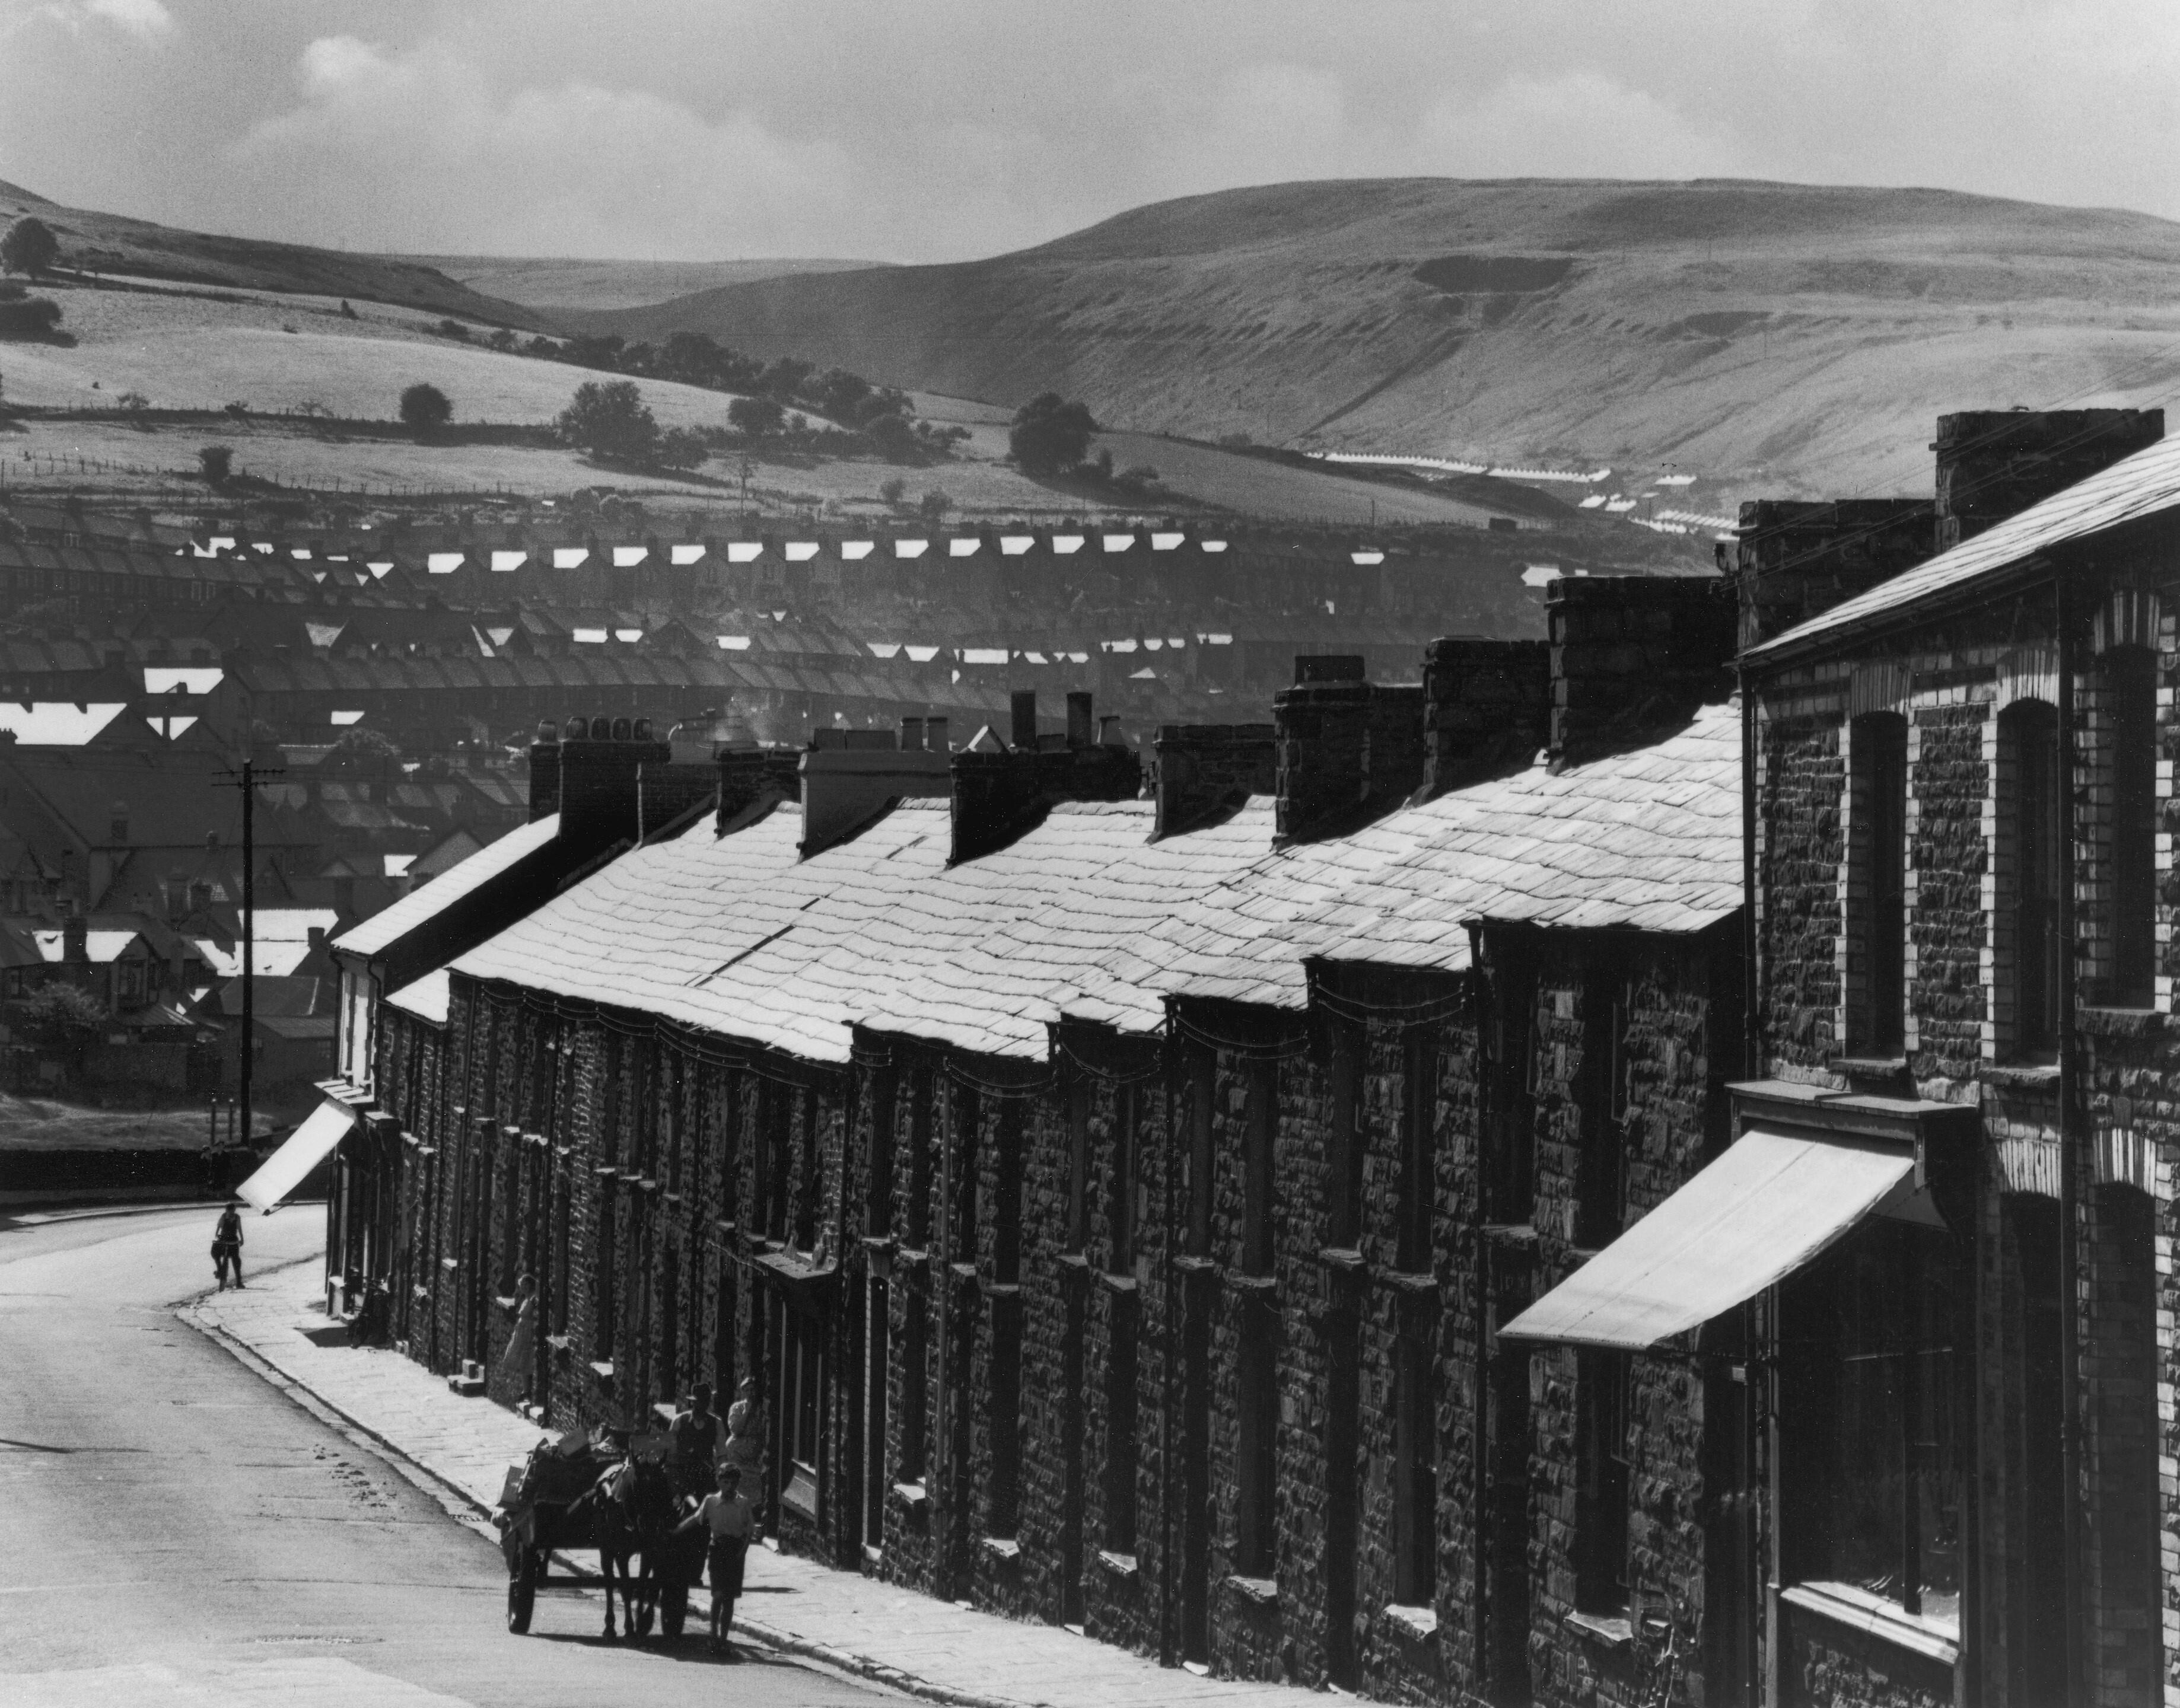 Шахтёрские дома в Уэльсе, 1952. Фотограф Карл Миданс